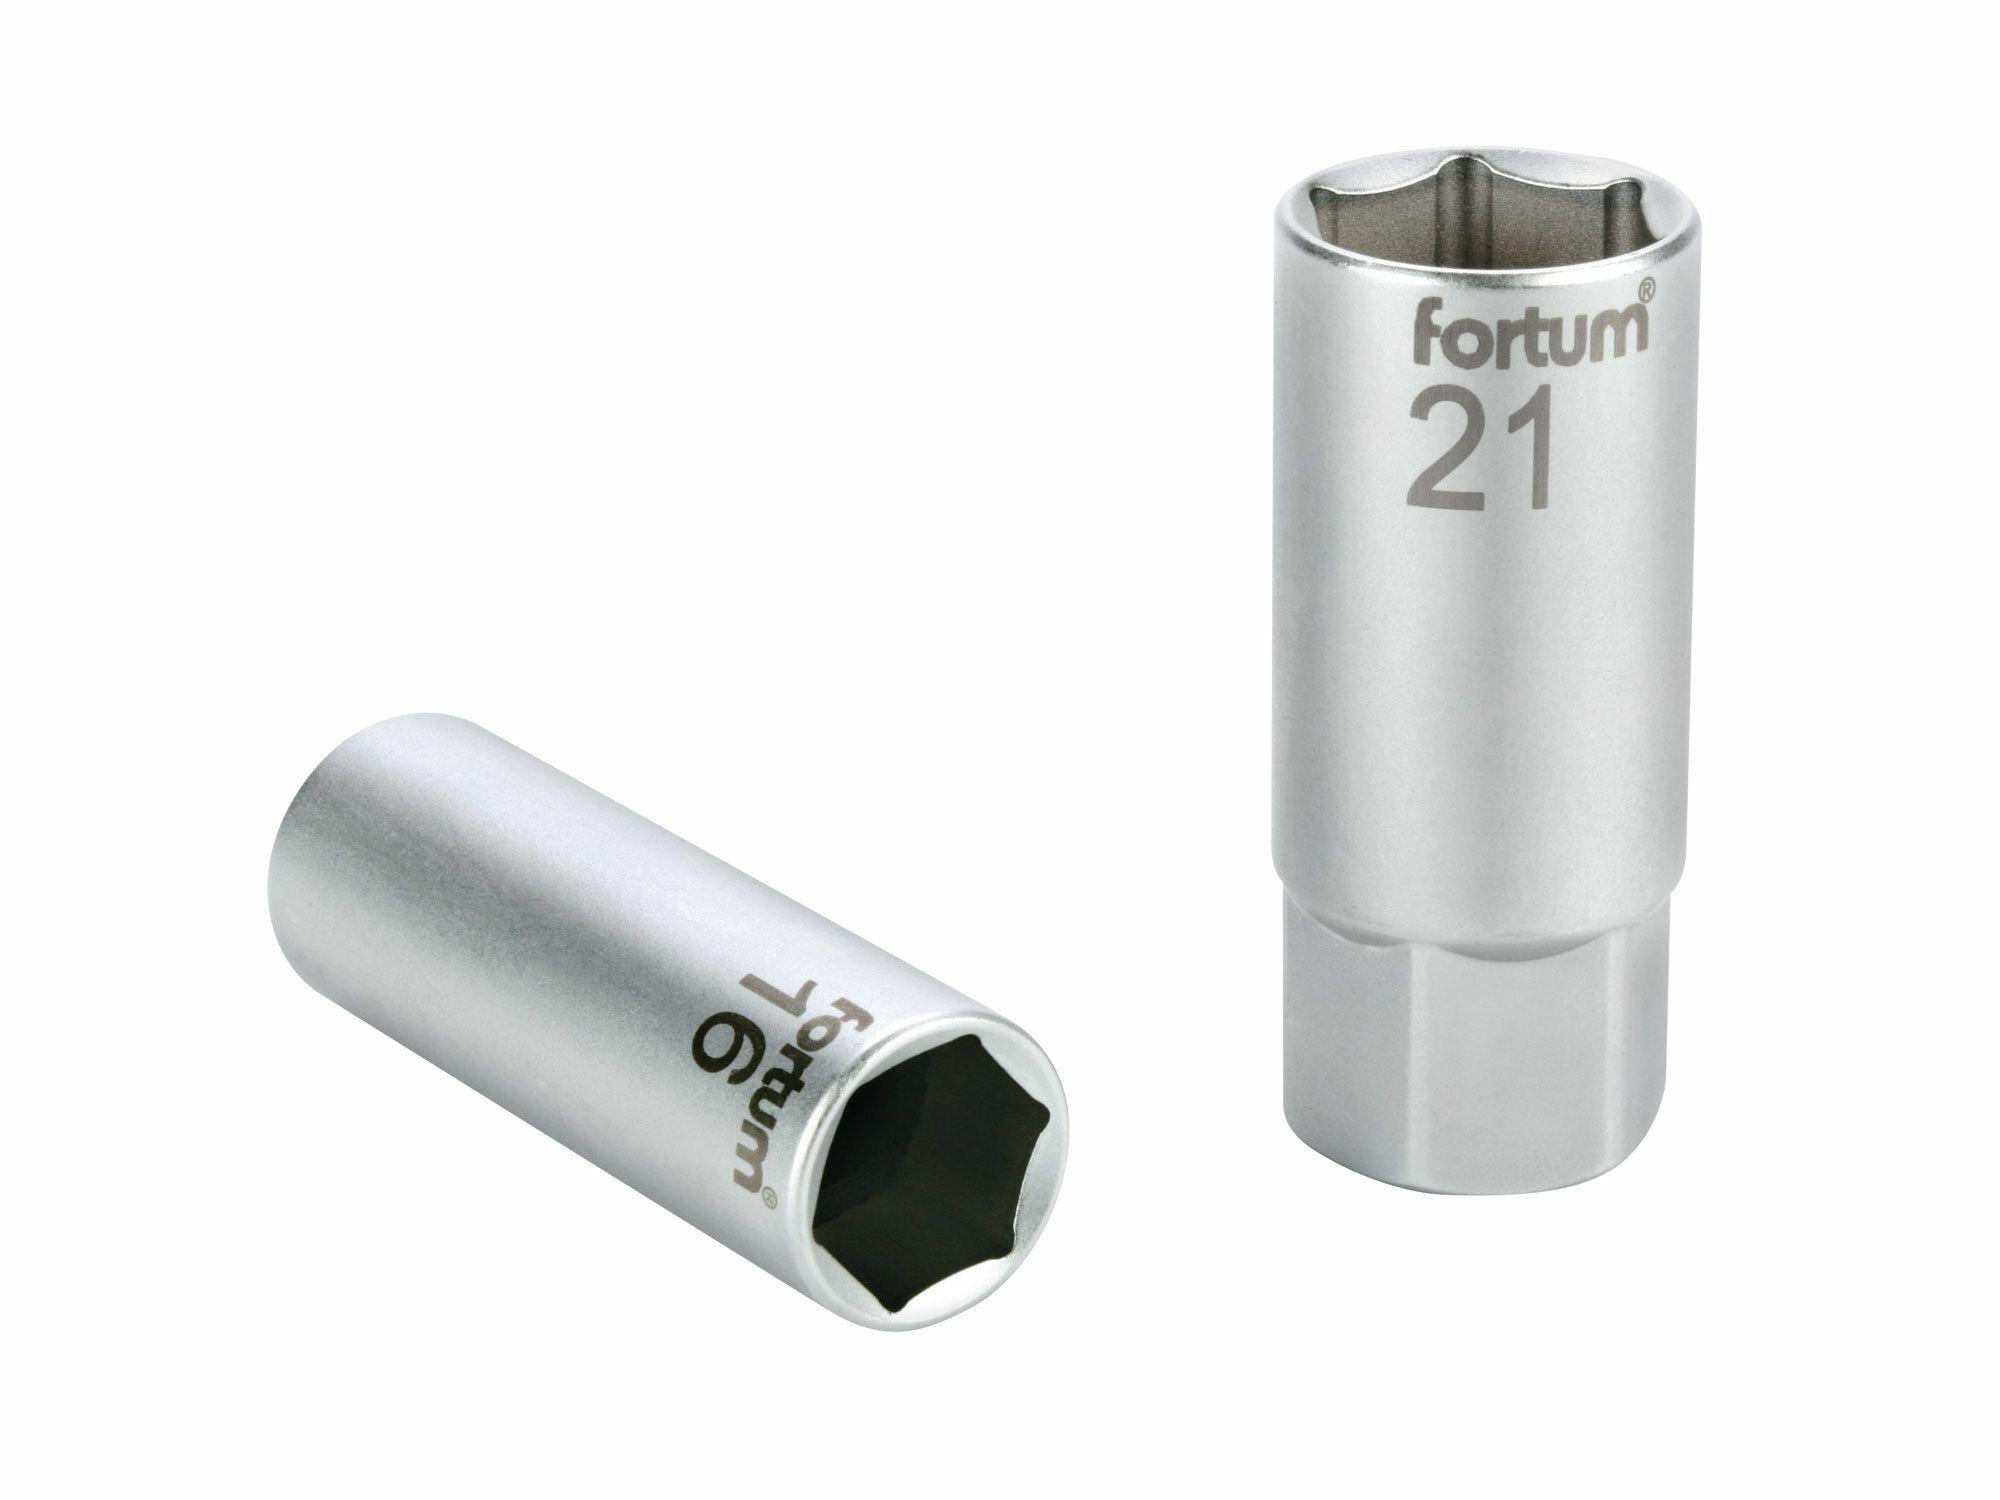 """Hlavice nástrčná na zapalovací svíčky, 1/2"""", 21mm, L 65mm, magnet, 61CrV5, FORTUM"""